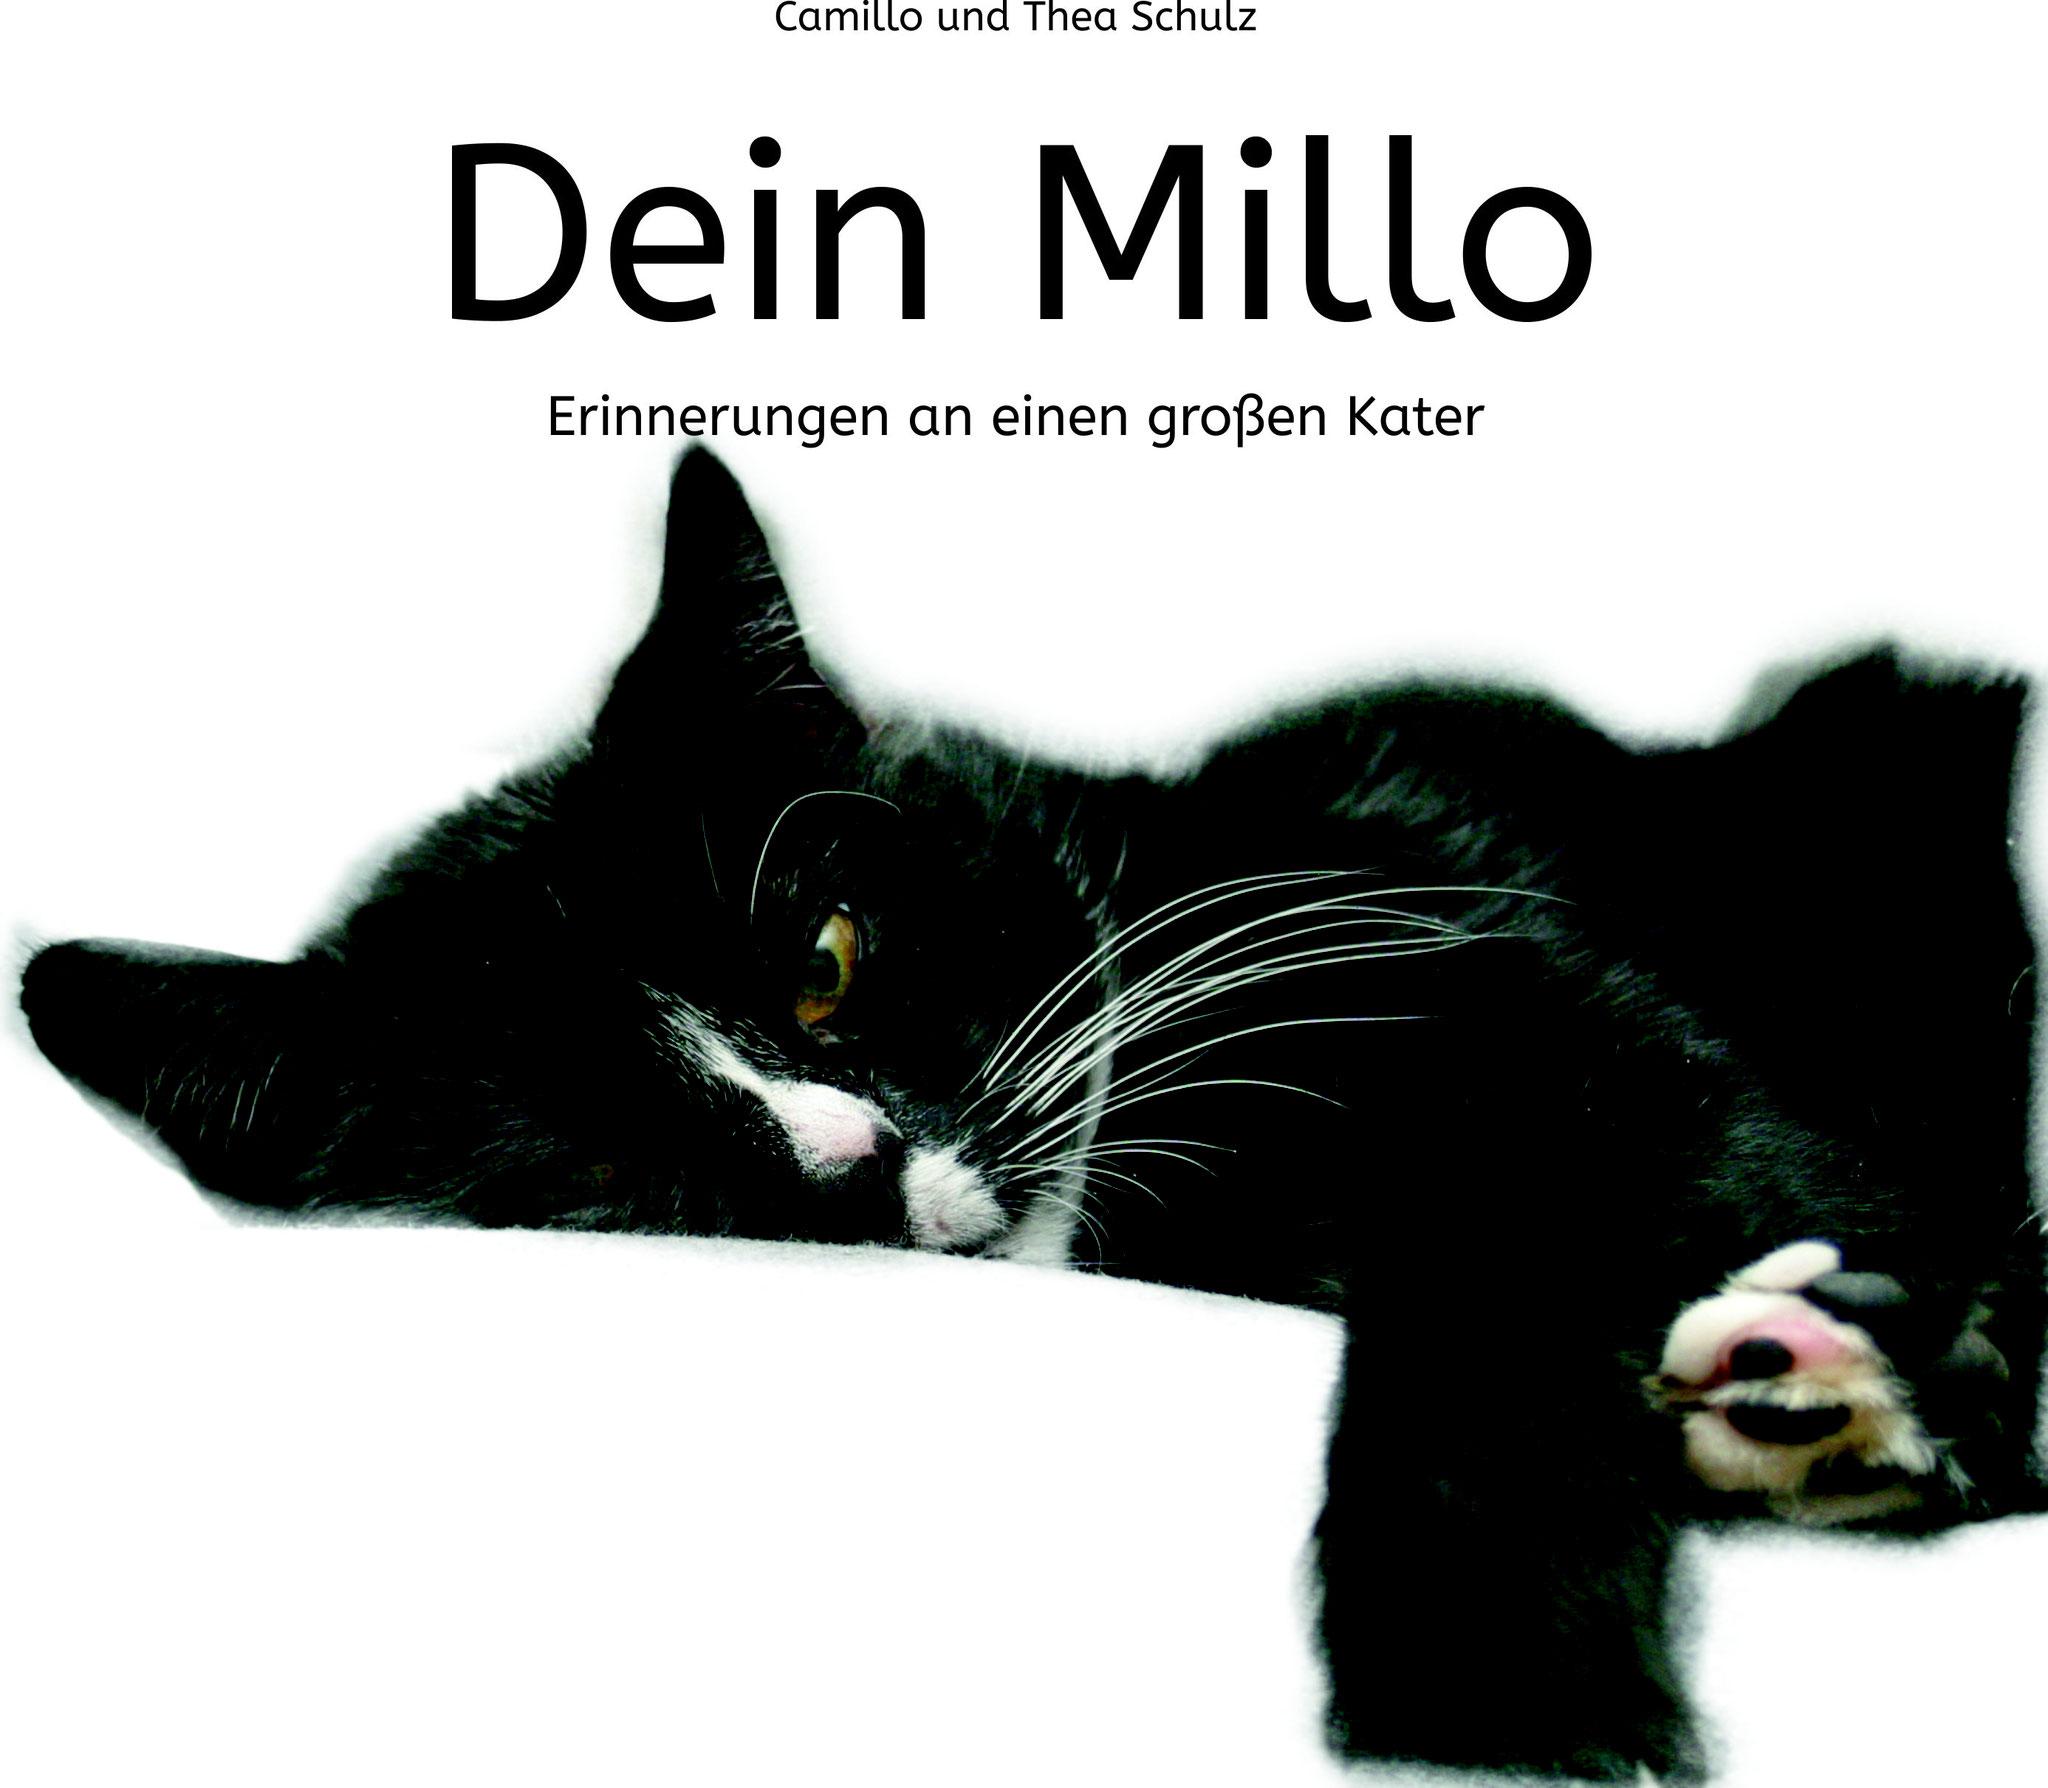 Dein Millo - Erinnerungen an einen großen Kater